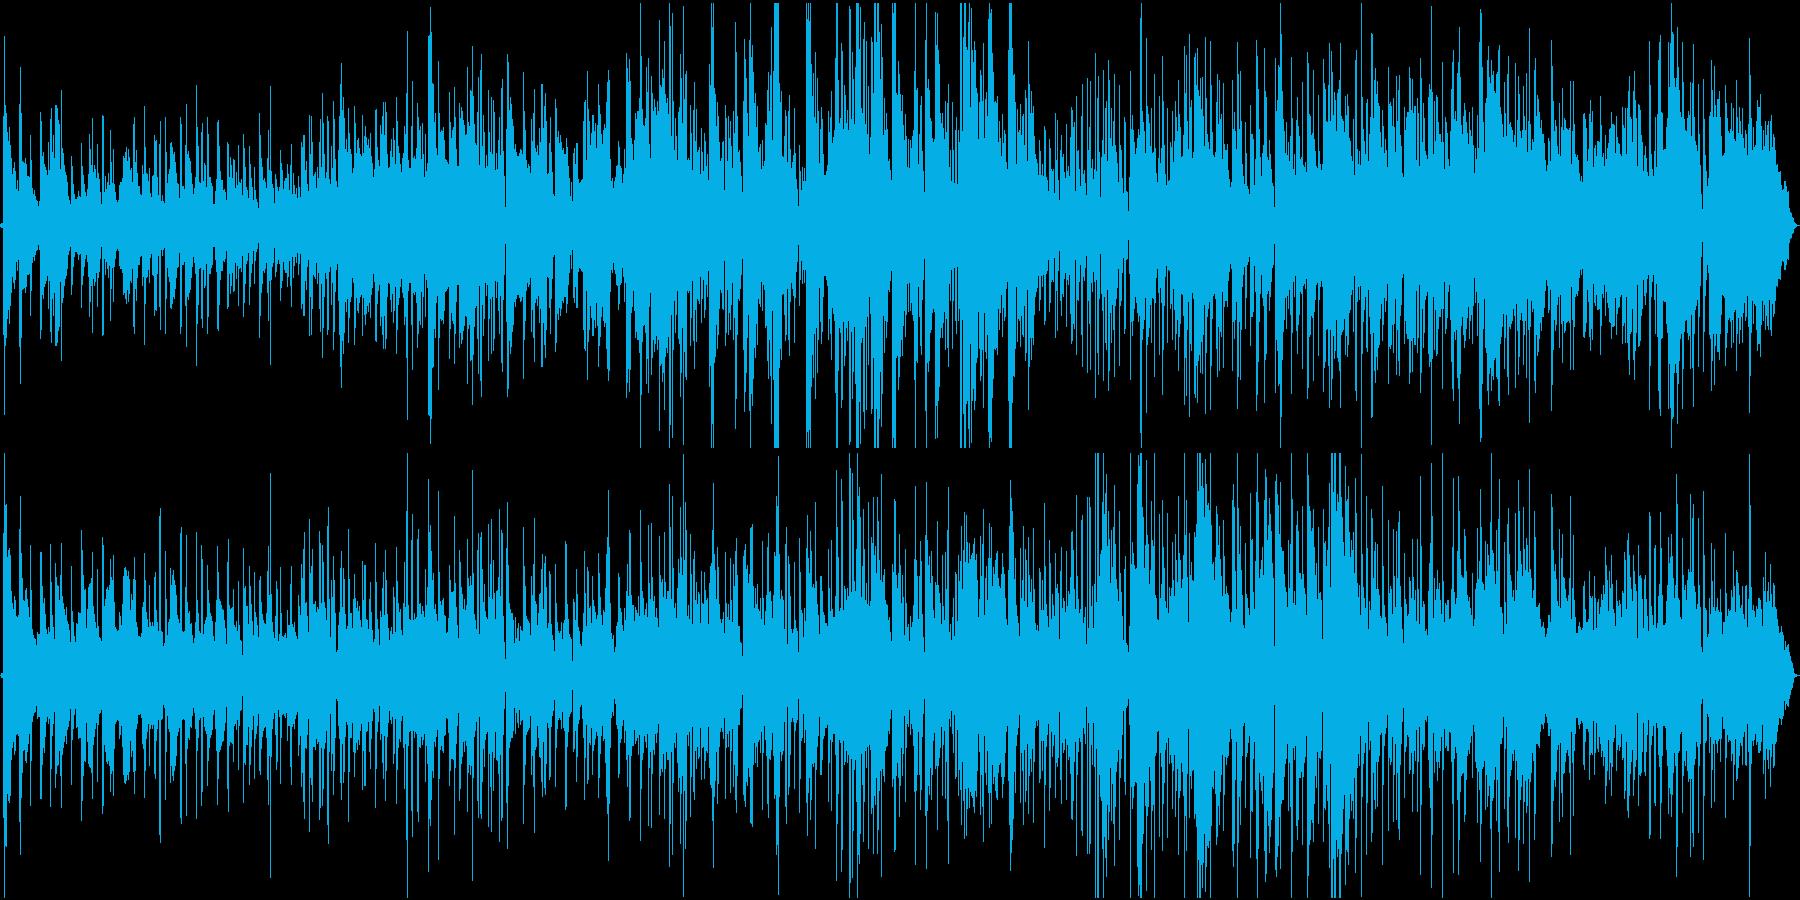 標準ジャズ。ブルースとスイング。の再生済みの波形